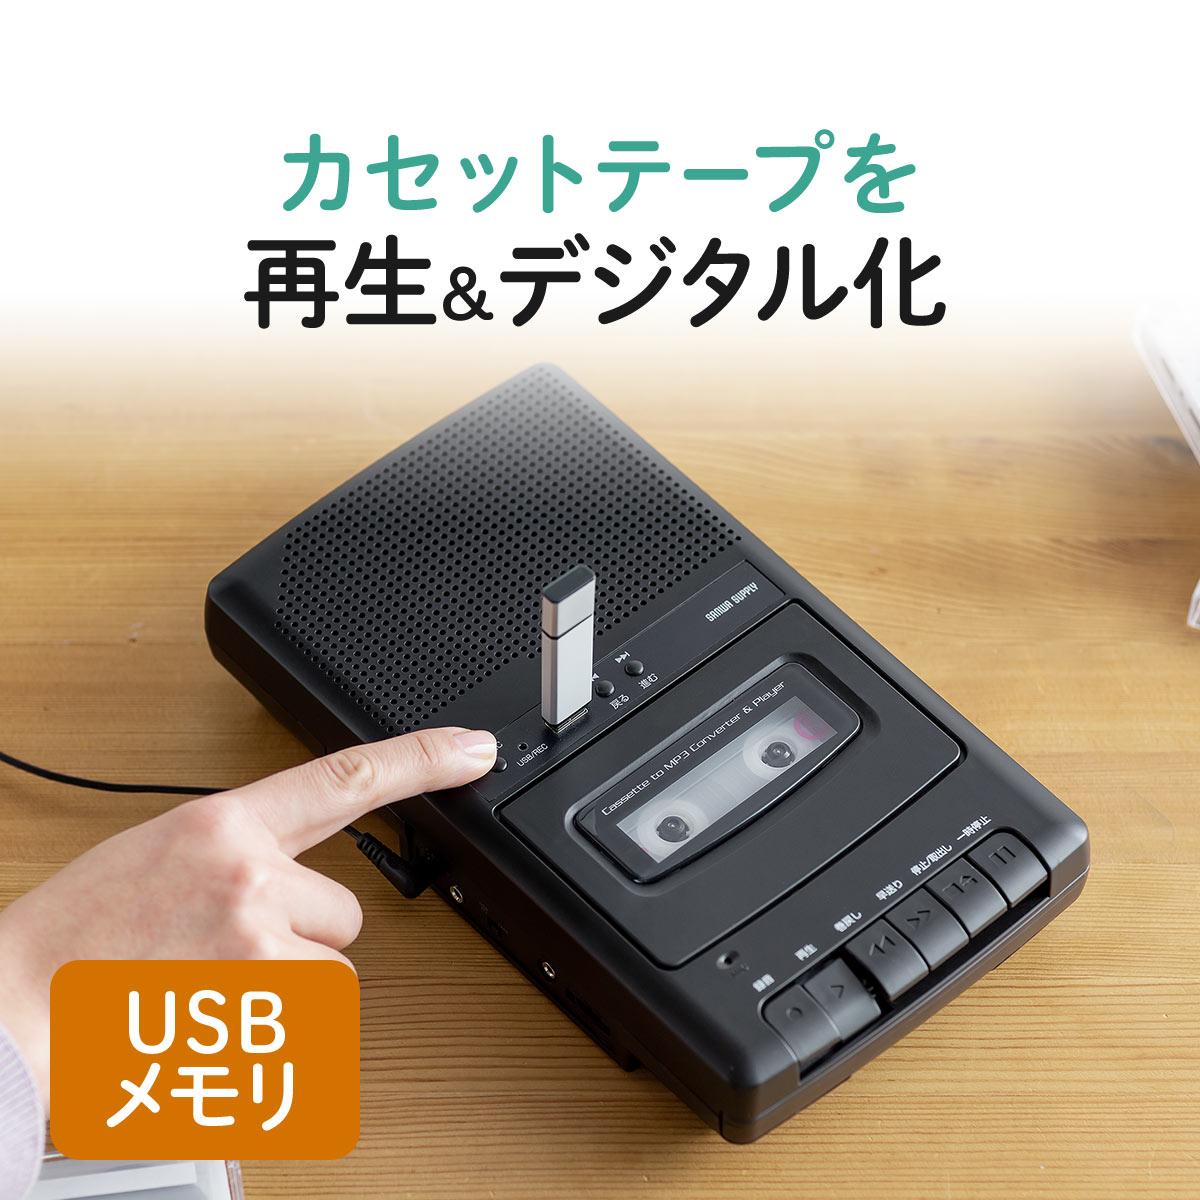 400-MEDI033 サンワダイレクト限定品 送料無料 カセットテープ プレーヤー 変換プレーヤー カセット変換プレーヤー カセットプレーヤー デジタル保存 カセットテープレコーダー USB保存 簡単操作 カセットデッキ 期間限定特価品 AC電源 デジタル化 至高 乾電池